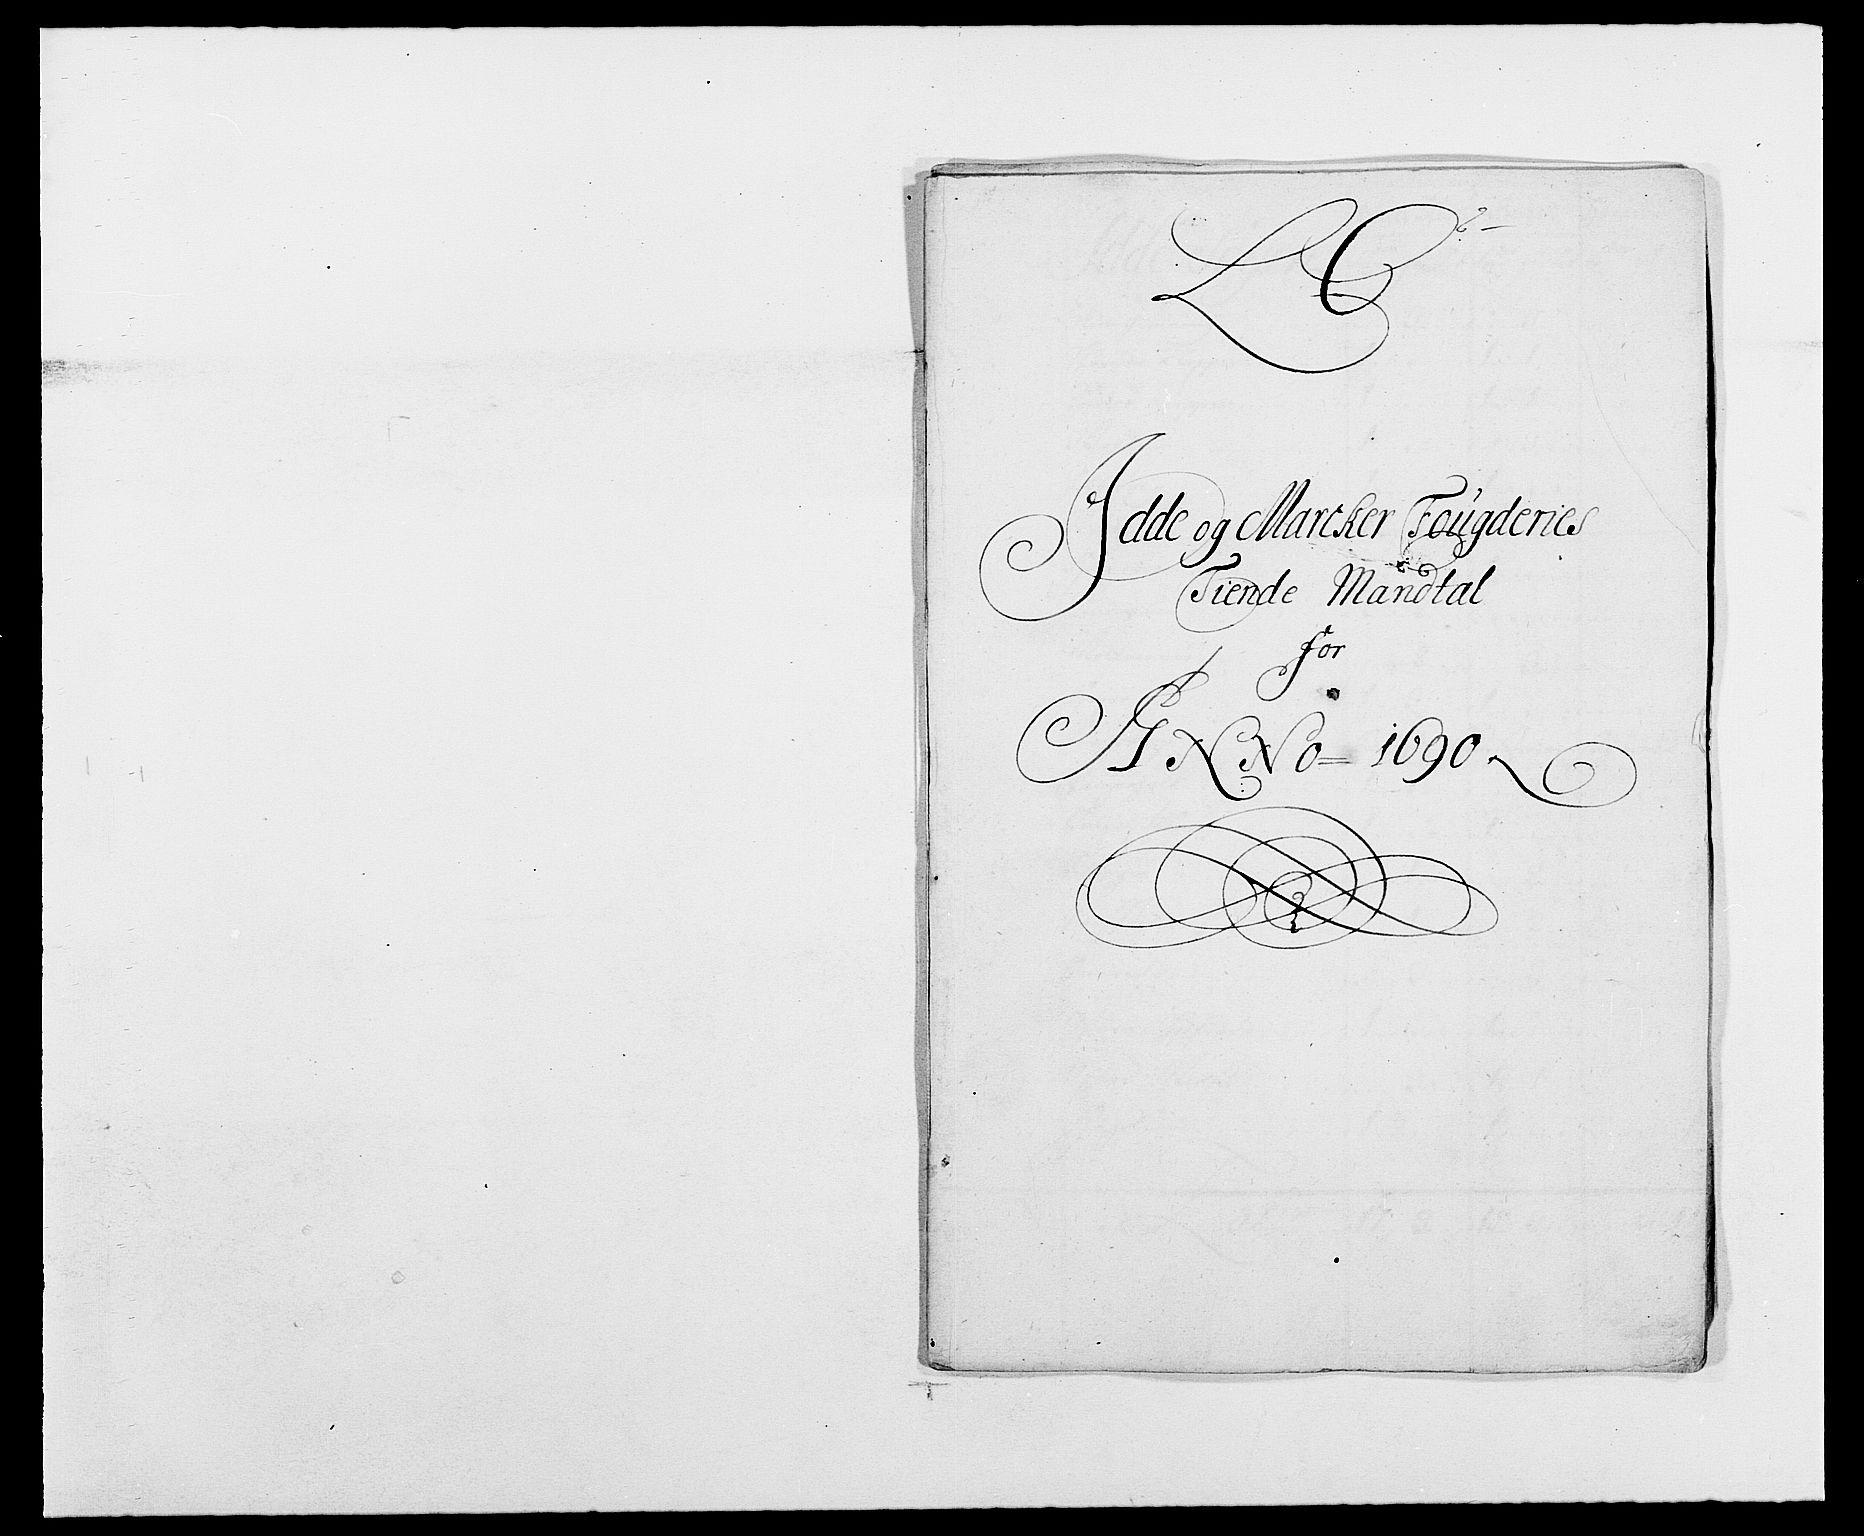 RA, Rentekammeret inntil 1814, Reviderte regnskaper, Fogderegnskap, R01/L0010: Fogderegnskap Idd og Marker, 1690-1691, s. 185